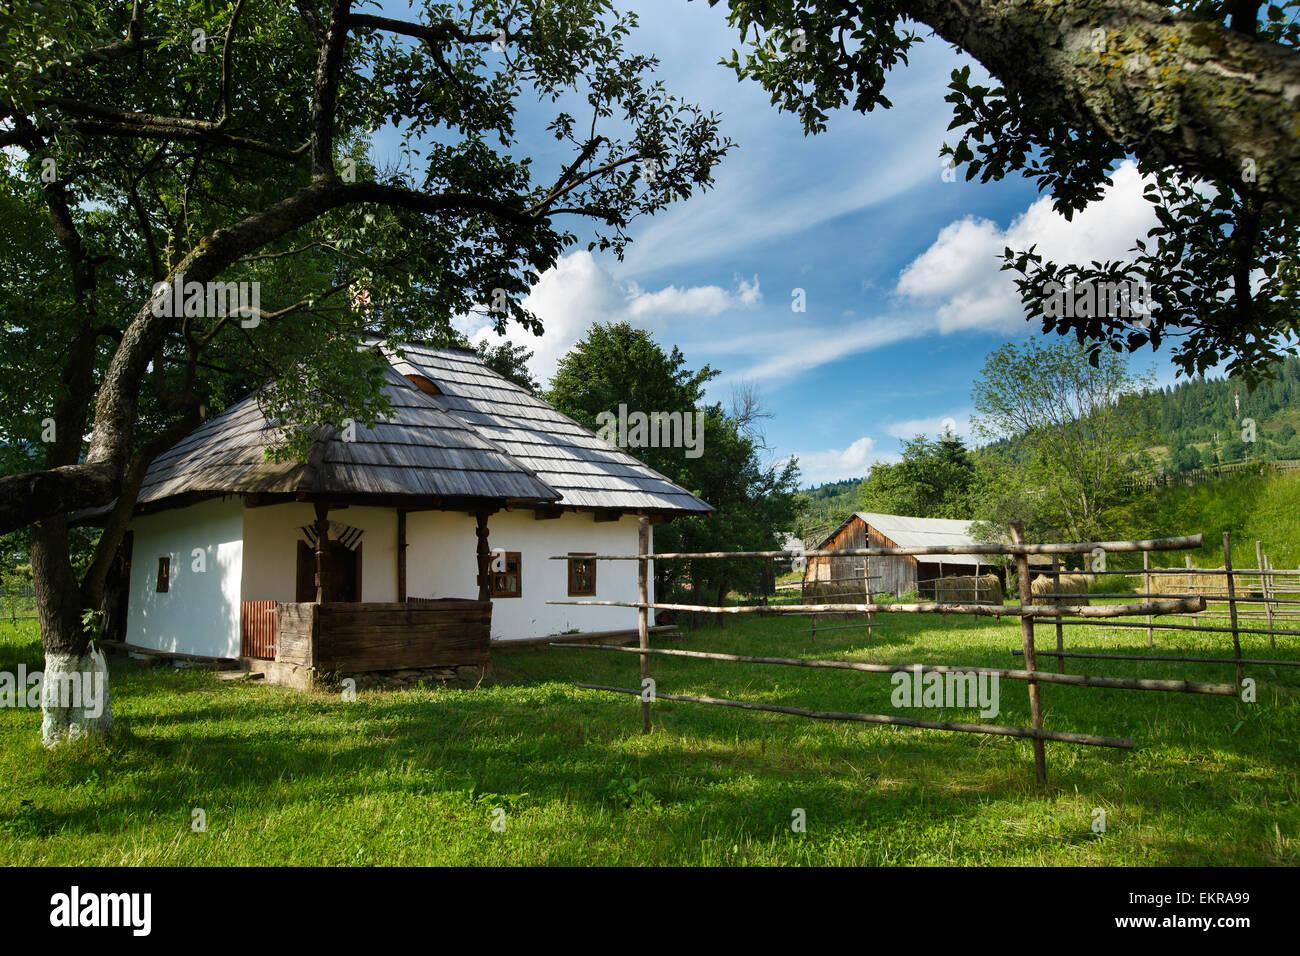 Traditional romanian house from Bucovina/Moldova area - Stock Image